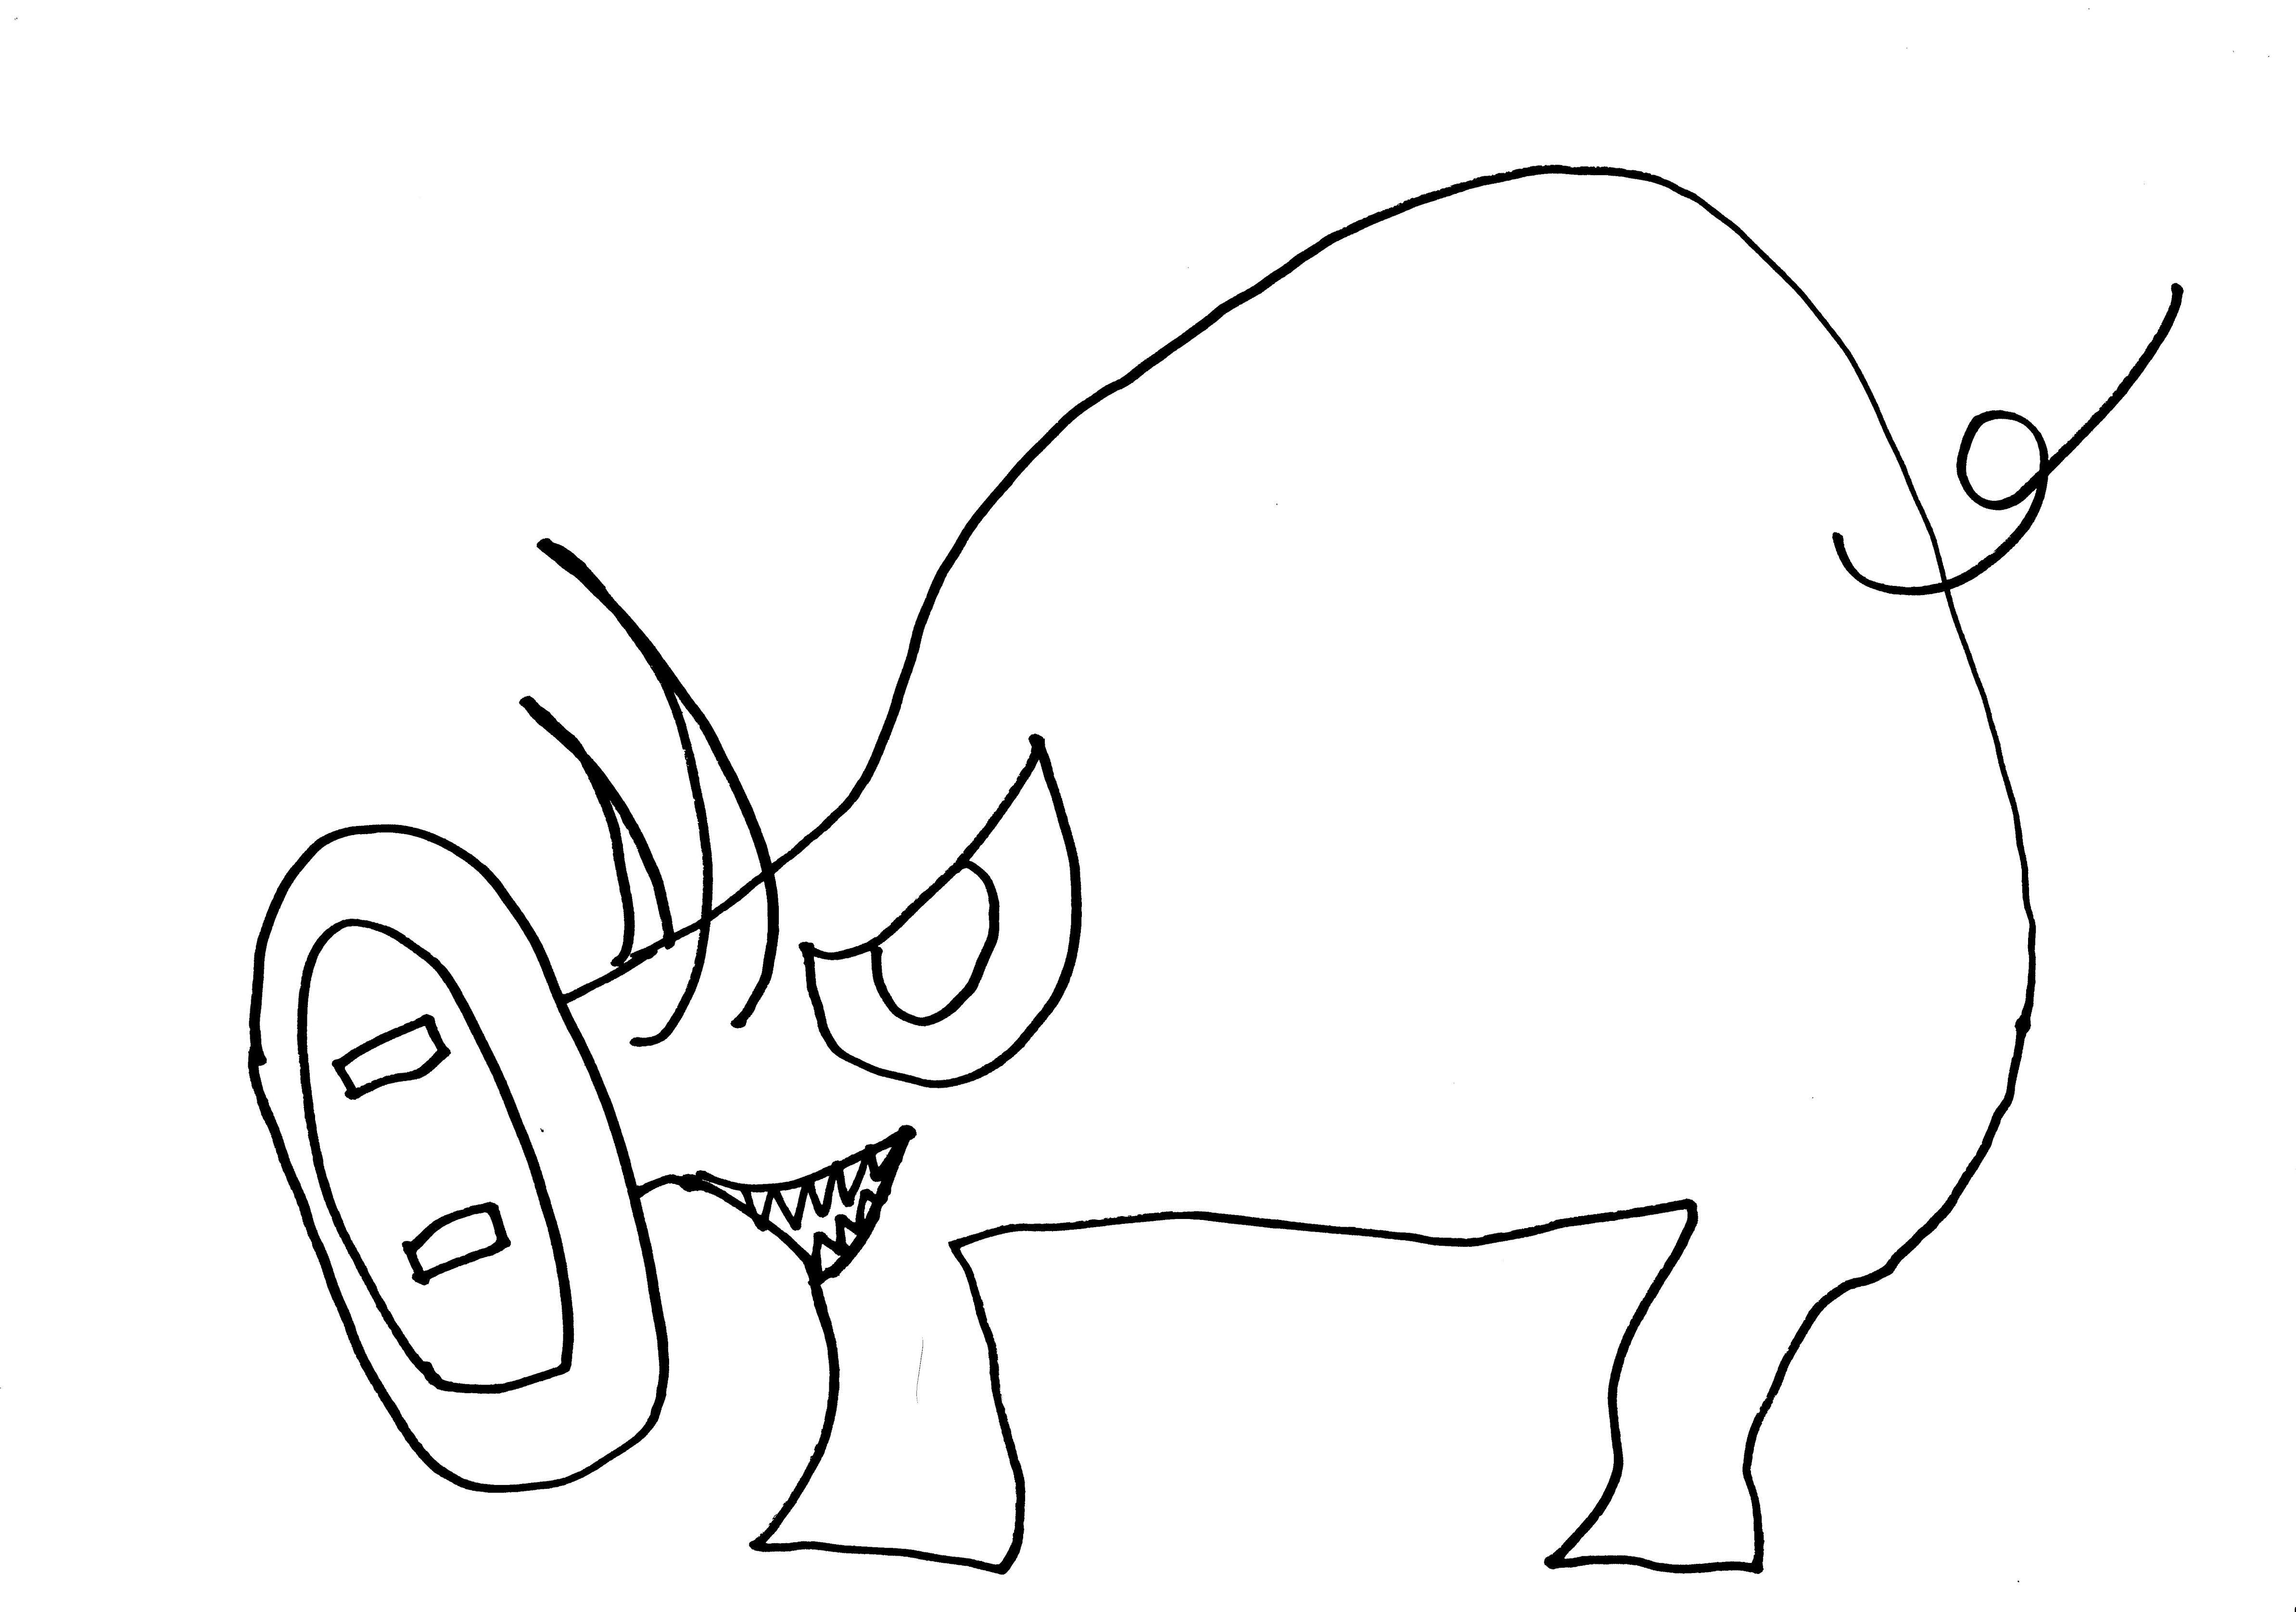 イボイノシシを描いてみました。